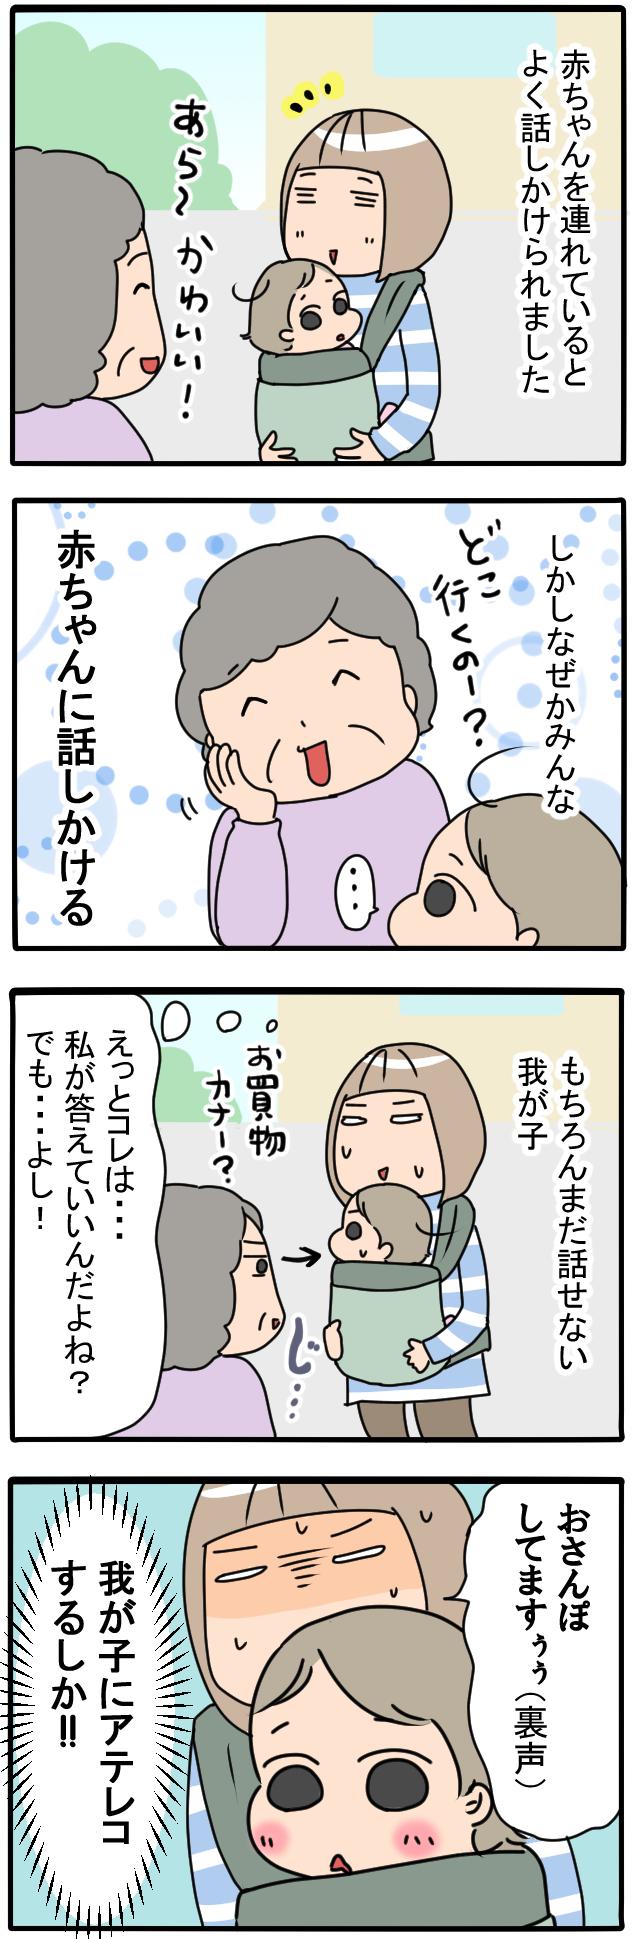 「あらー?どこいくのー?」赤ちゃんに話しかけてきた人に私が取った行動とは!?の画像1